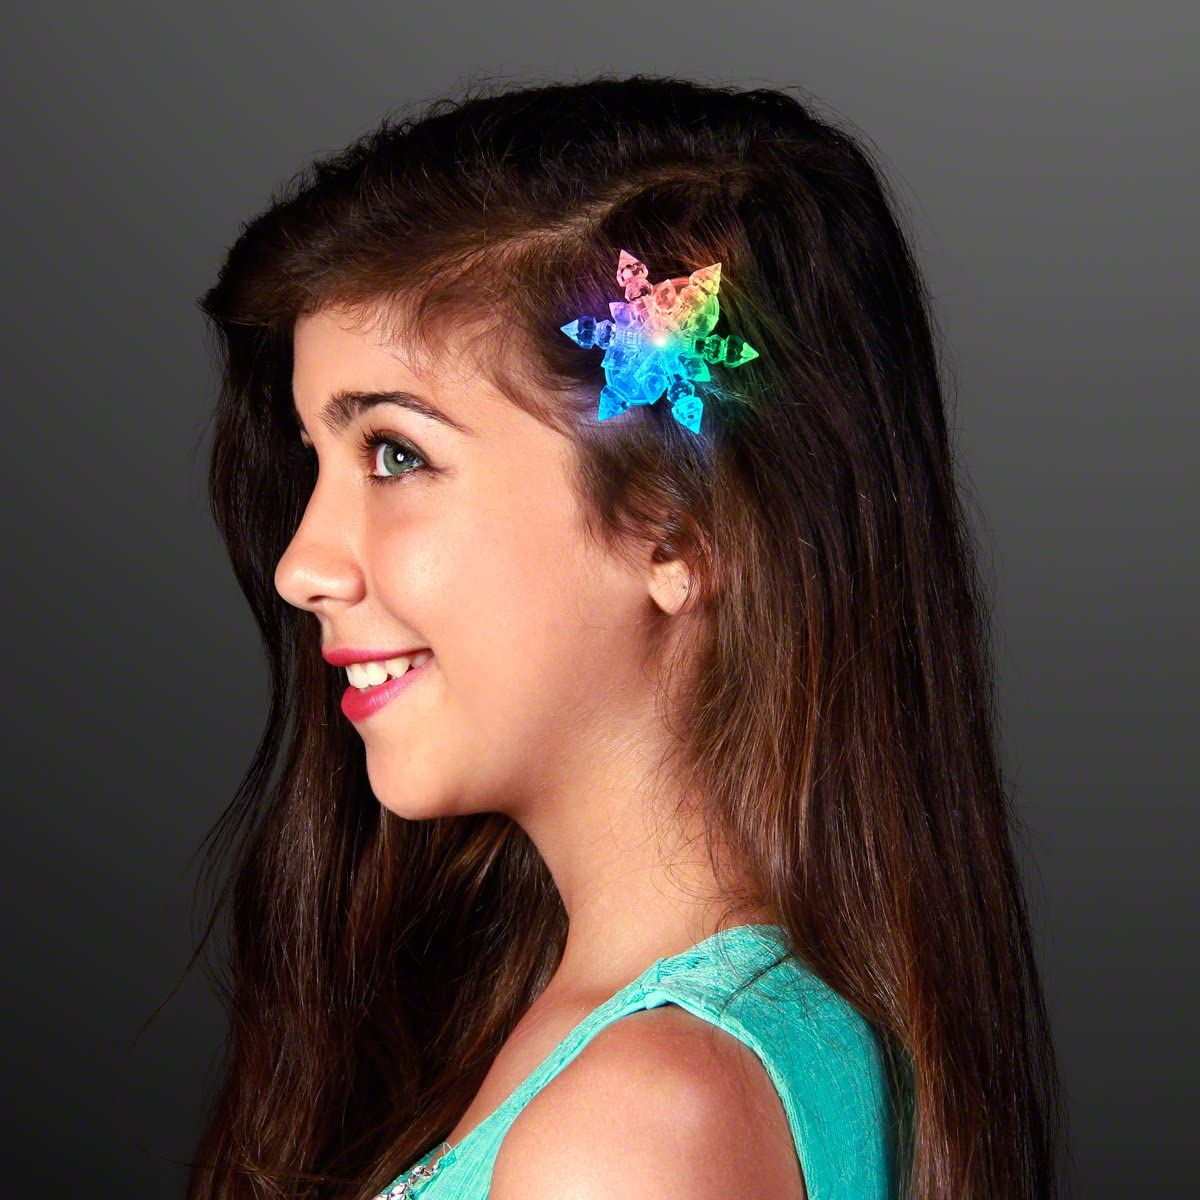 Kids Cute Llama Hair Clips Baby Girls Mermaid Rainbow Barrette Hair Accessories